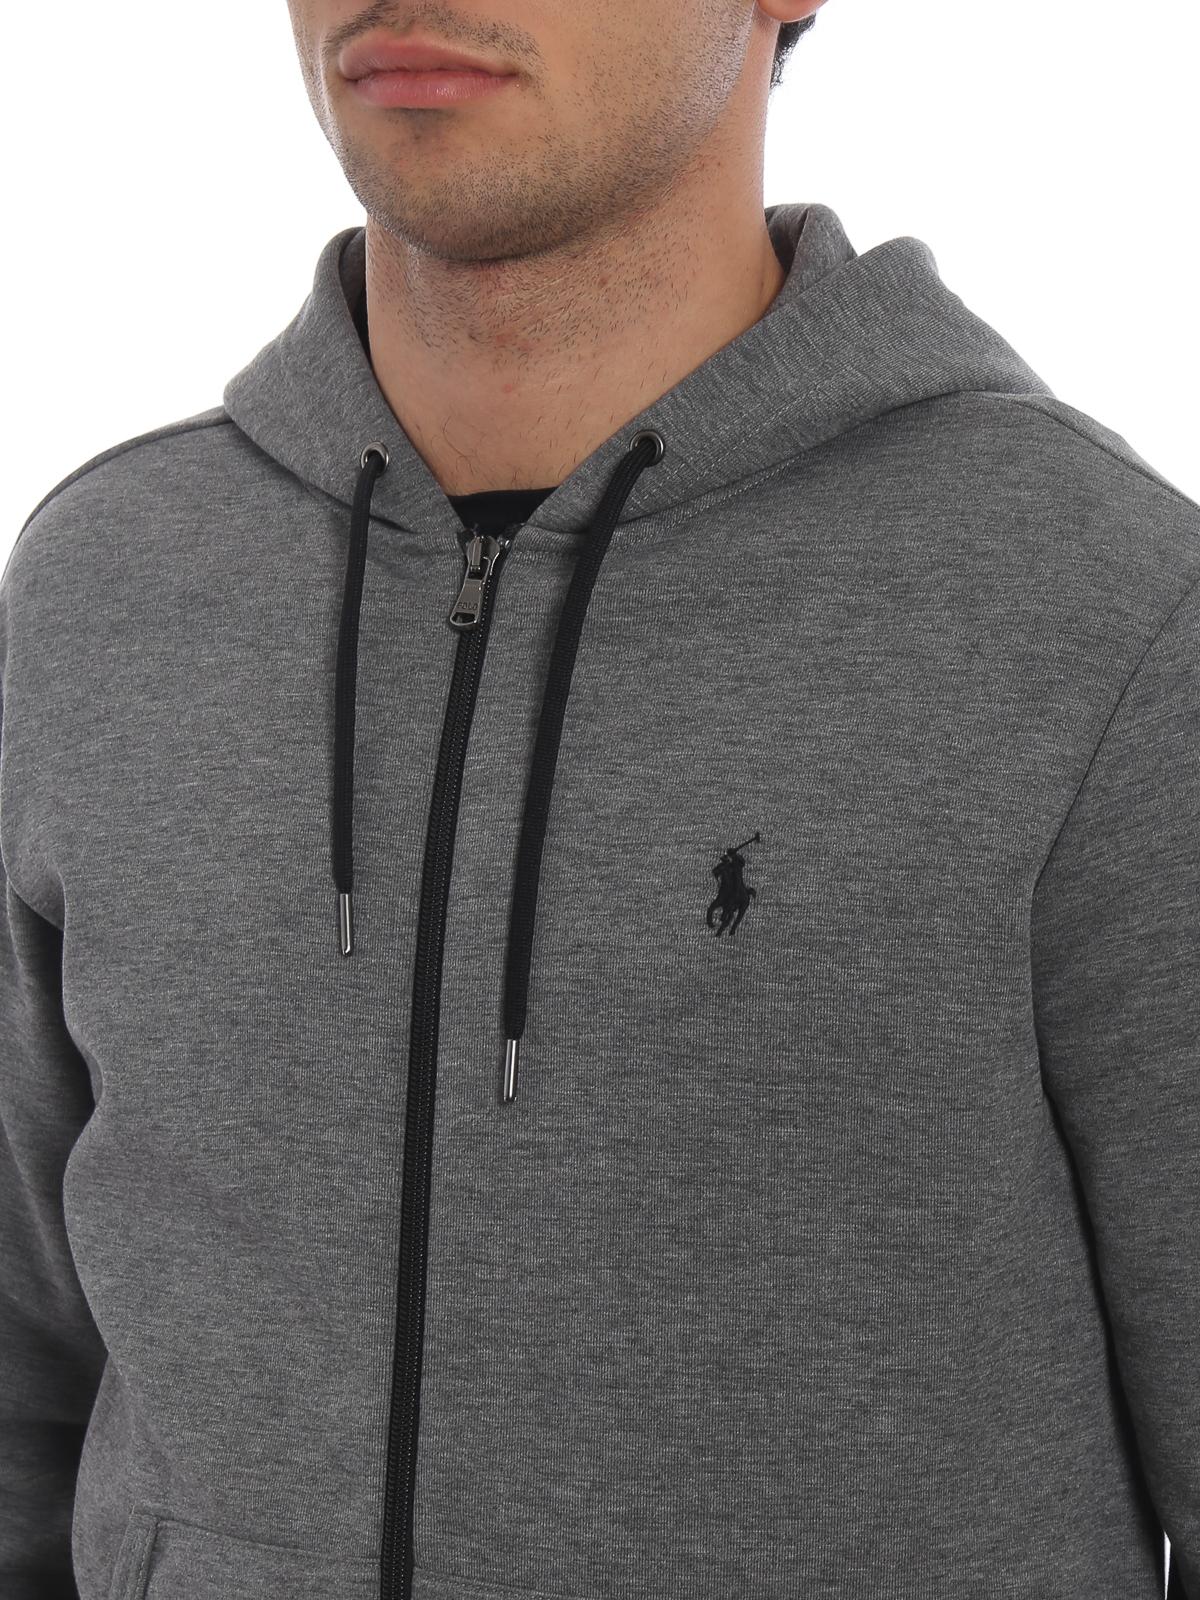 6caa522d55c Polo Ralph Lauren - Performance grey melange zip-up hoodie ...